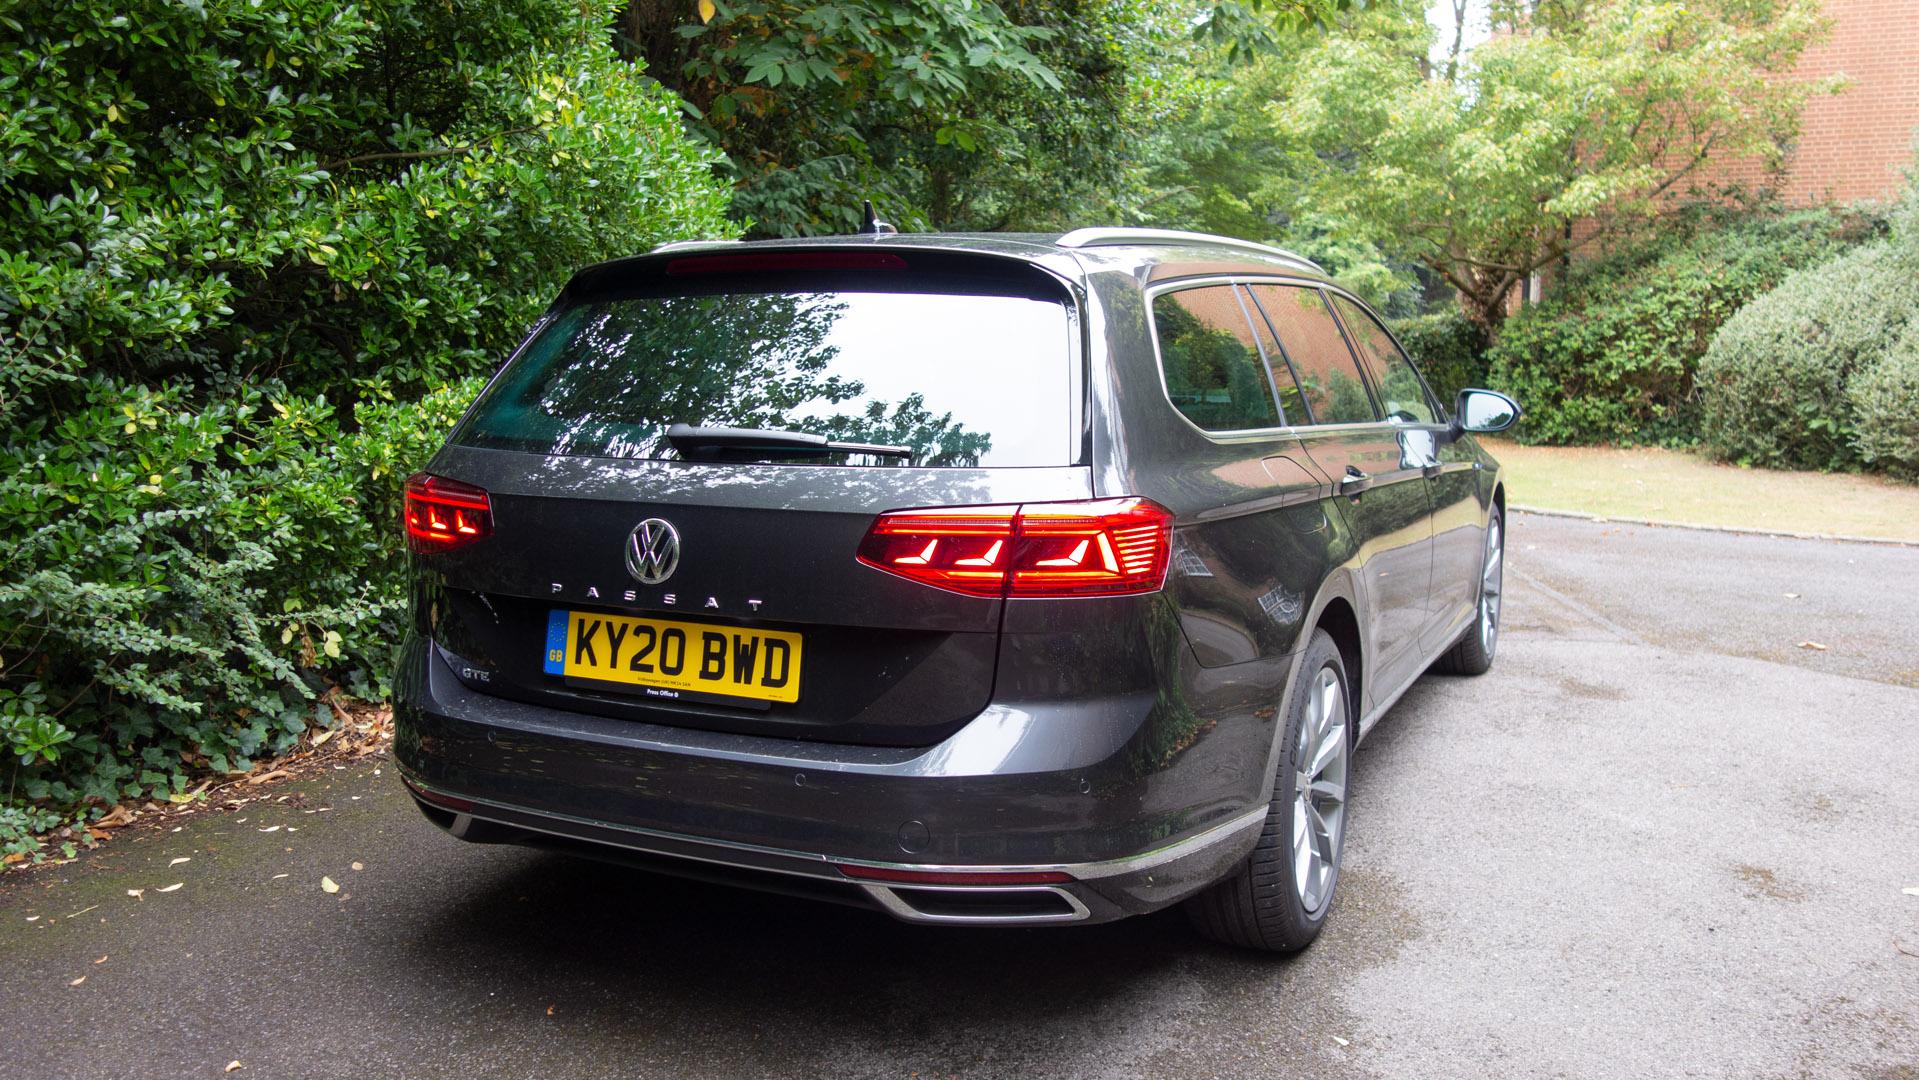 Volkswagen Passat Estate GTE rear